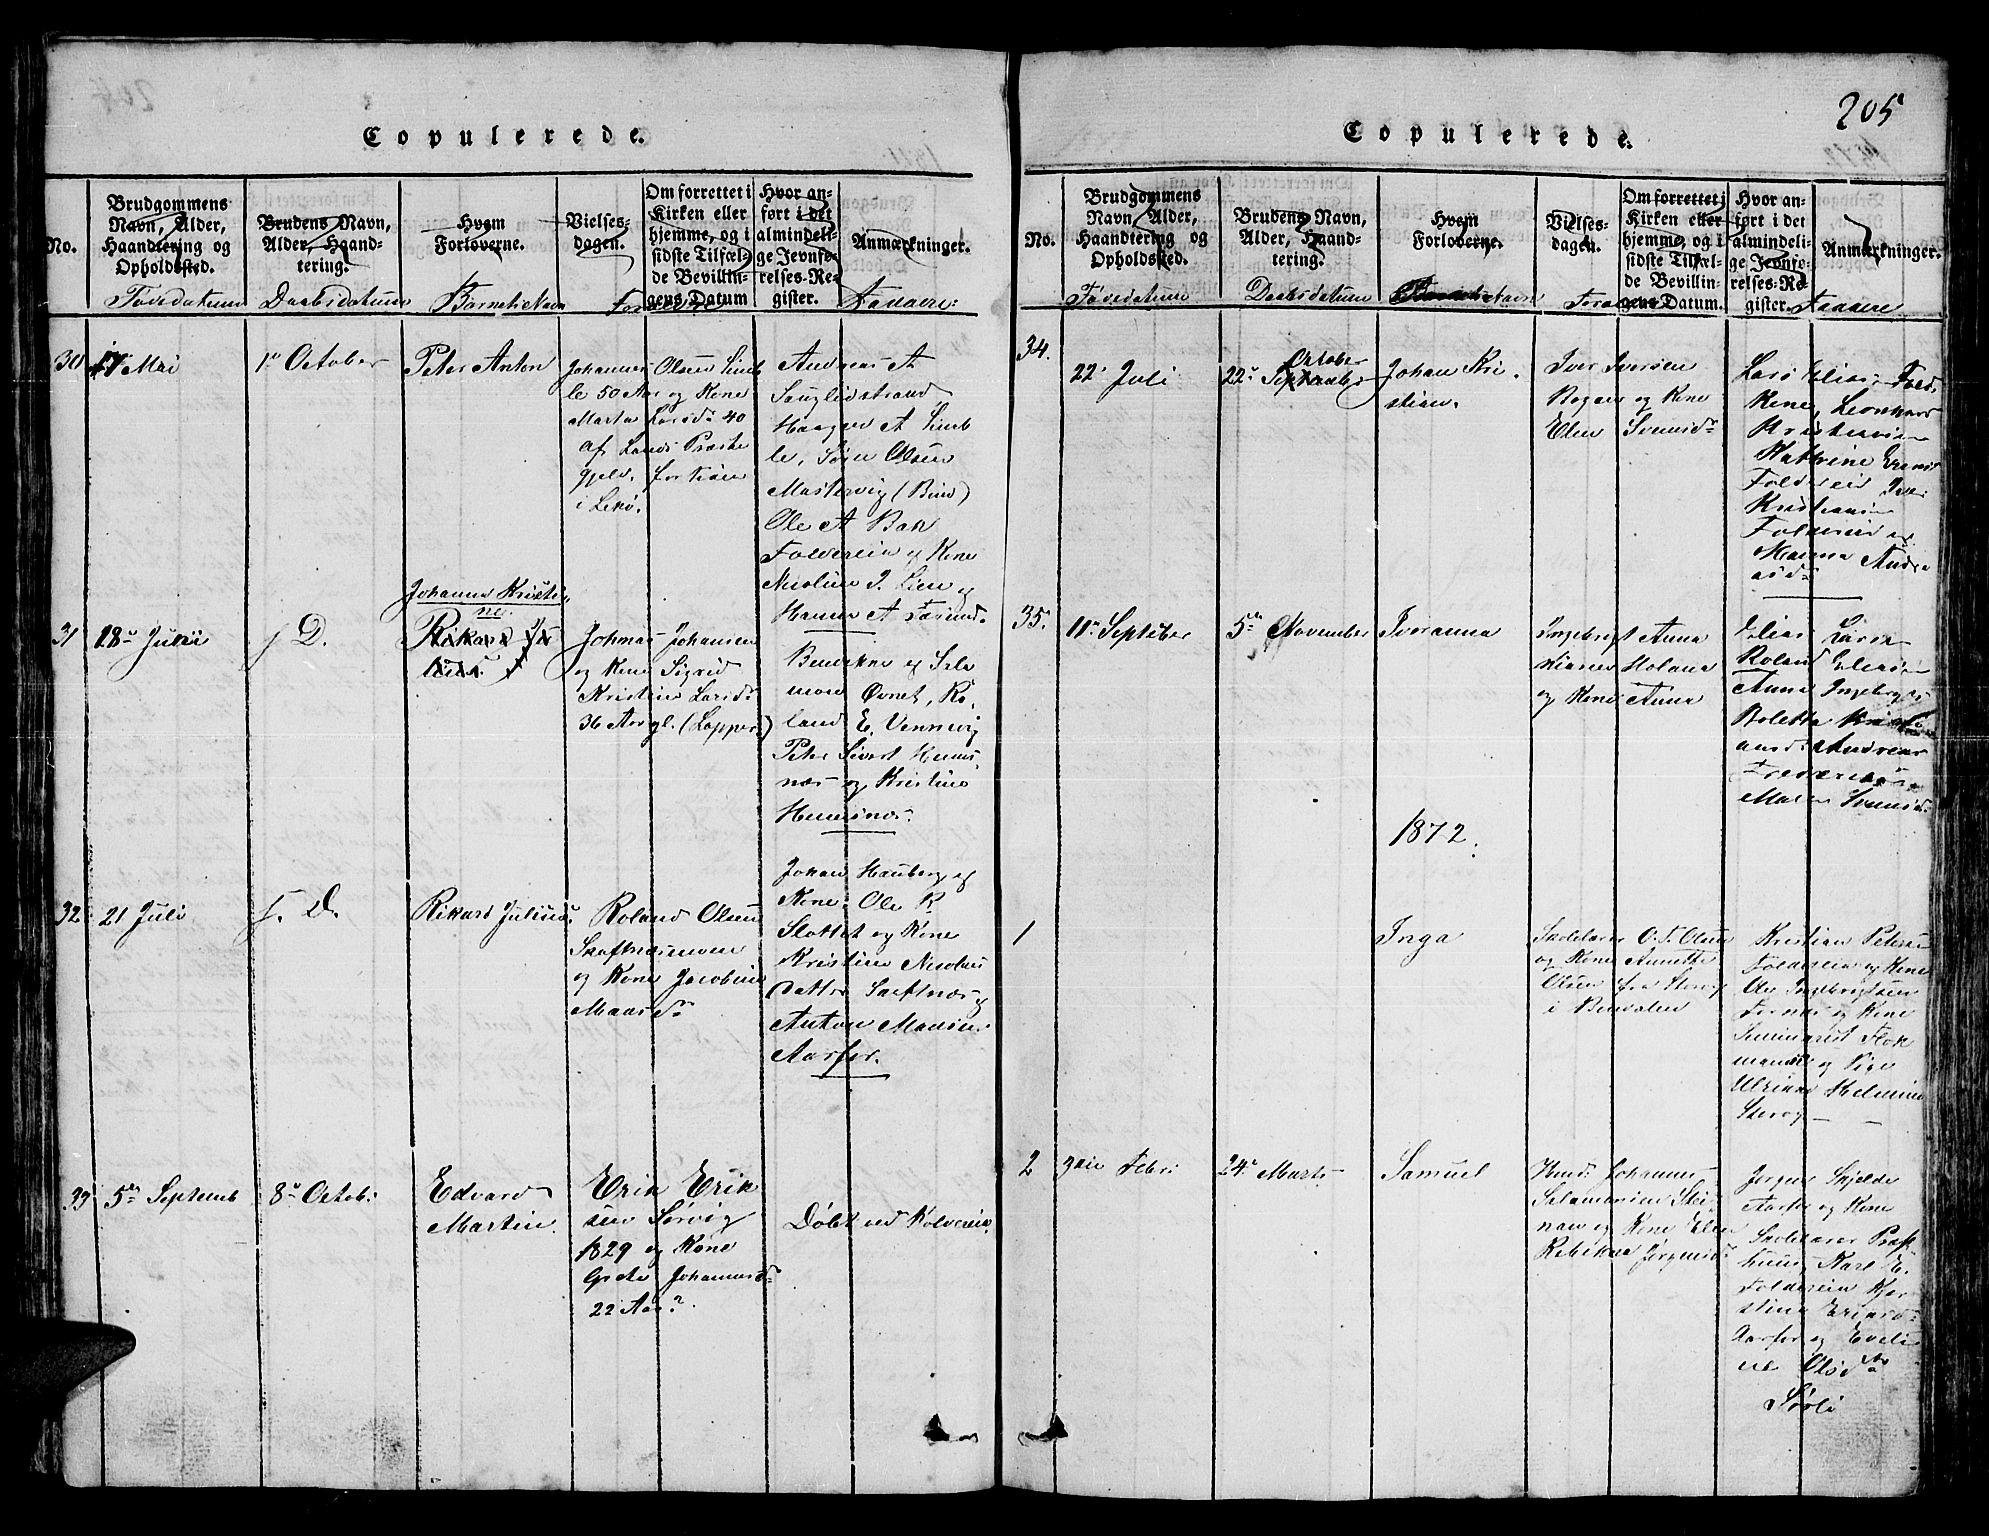 SAT, Ministerialprotokoller, klokkerbøker og fødselsregistre - Nord-Trøndelag, 780/L0648: Klokkerbok nr. 780C01 /3, 1815-1877, s. 205